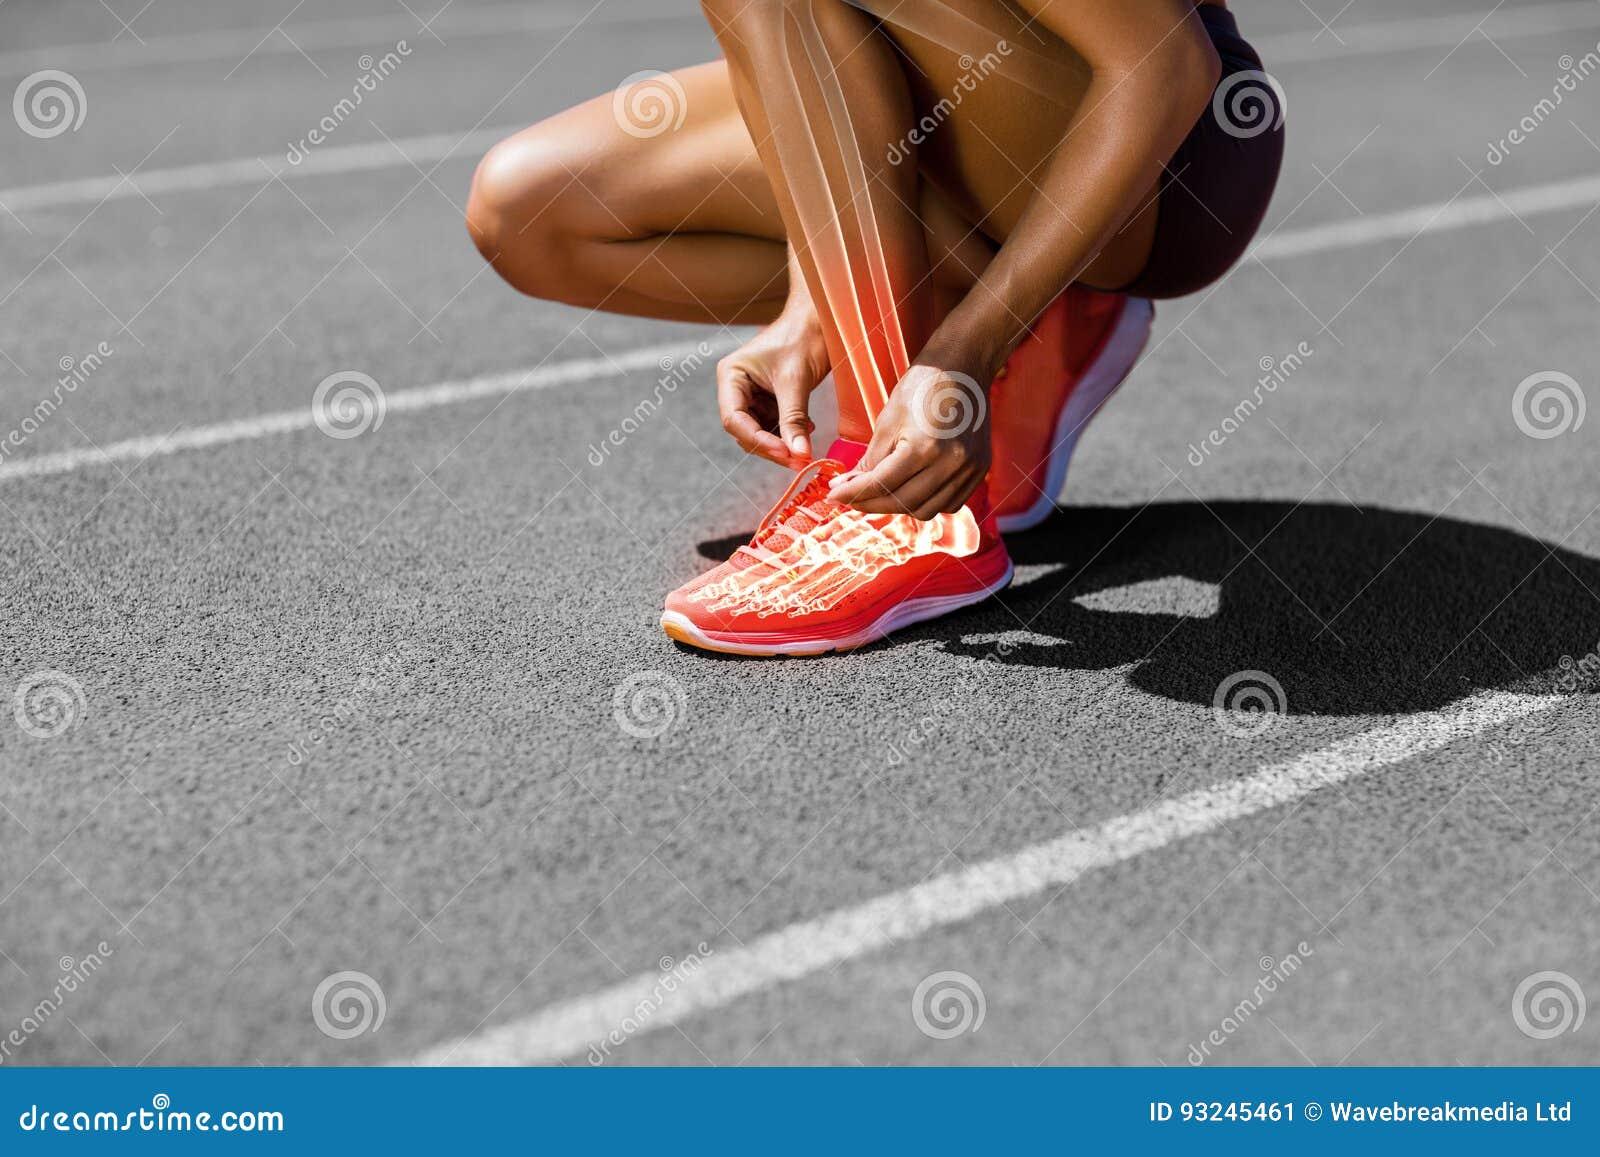 Низкий раздел спортсменки связывая шнурок на следе